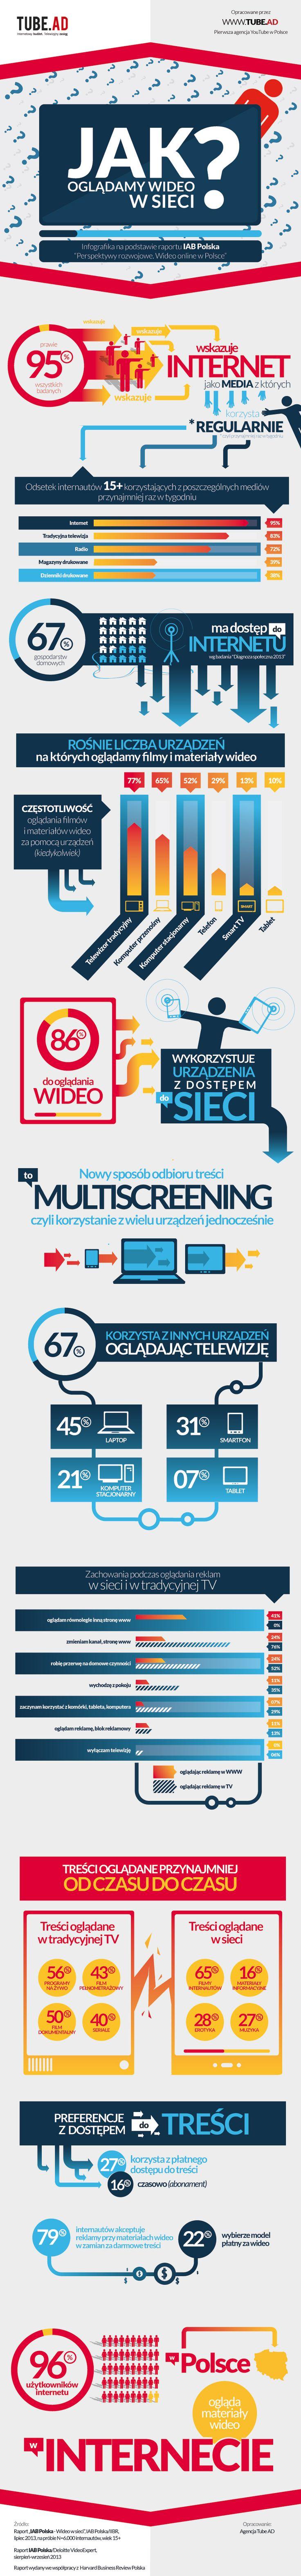 Jak oglądamy wideo w sieci? Raport IAB Polska